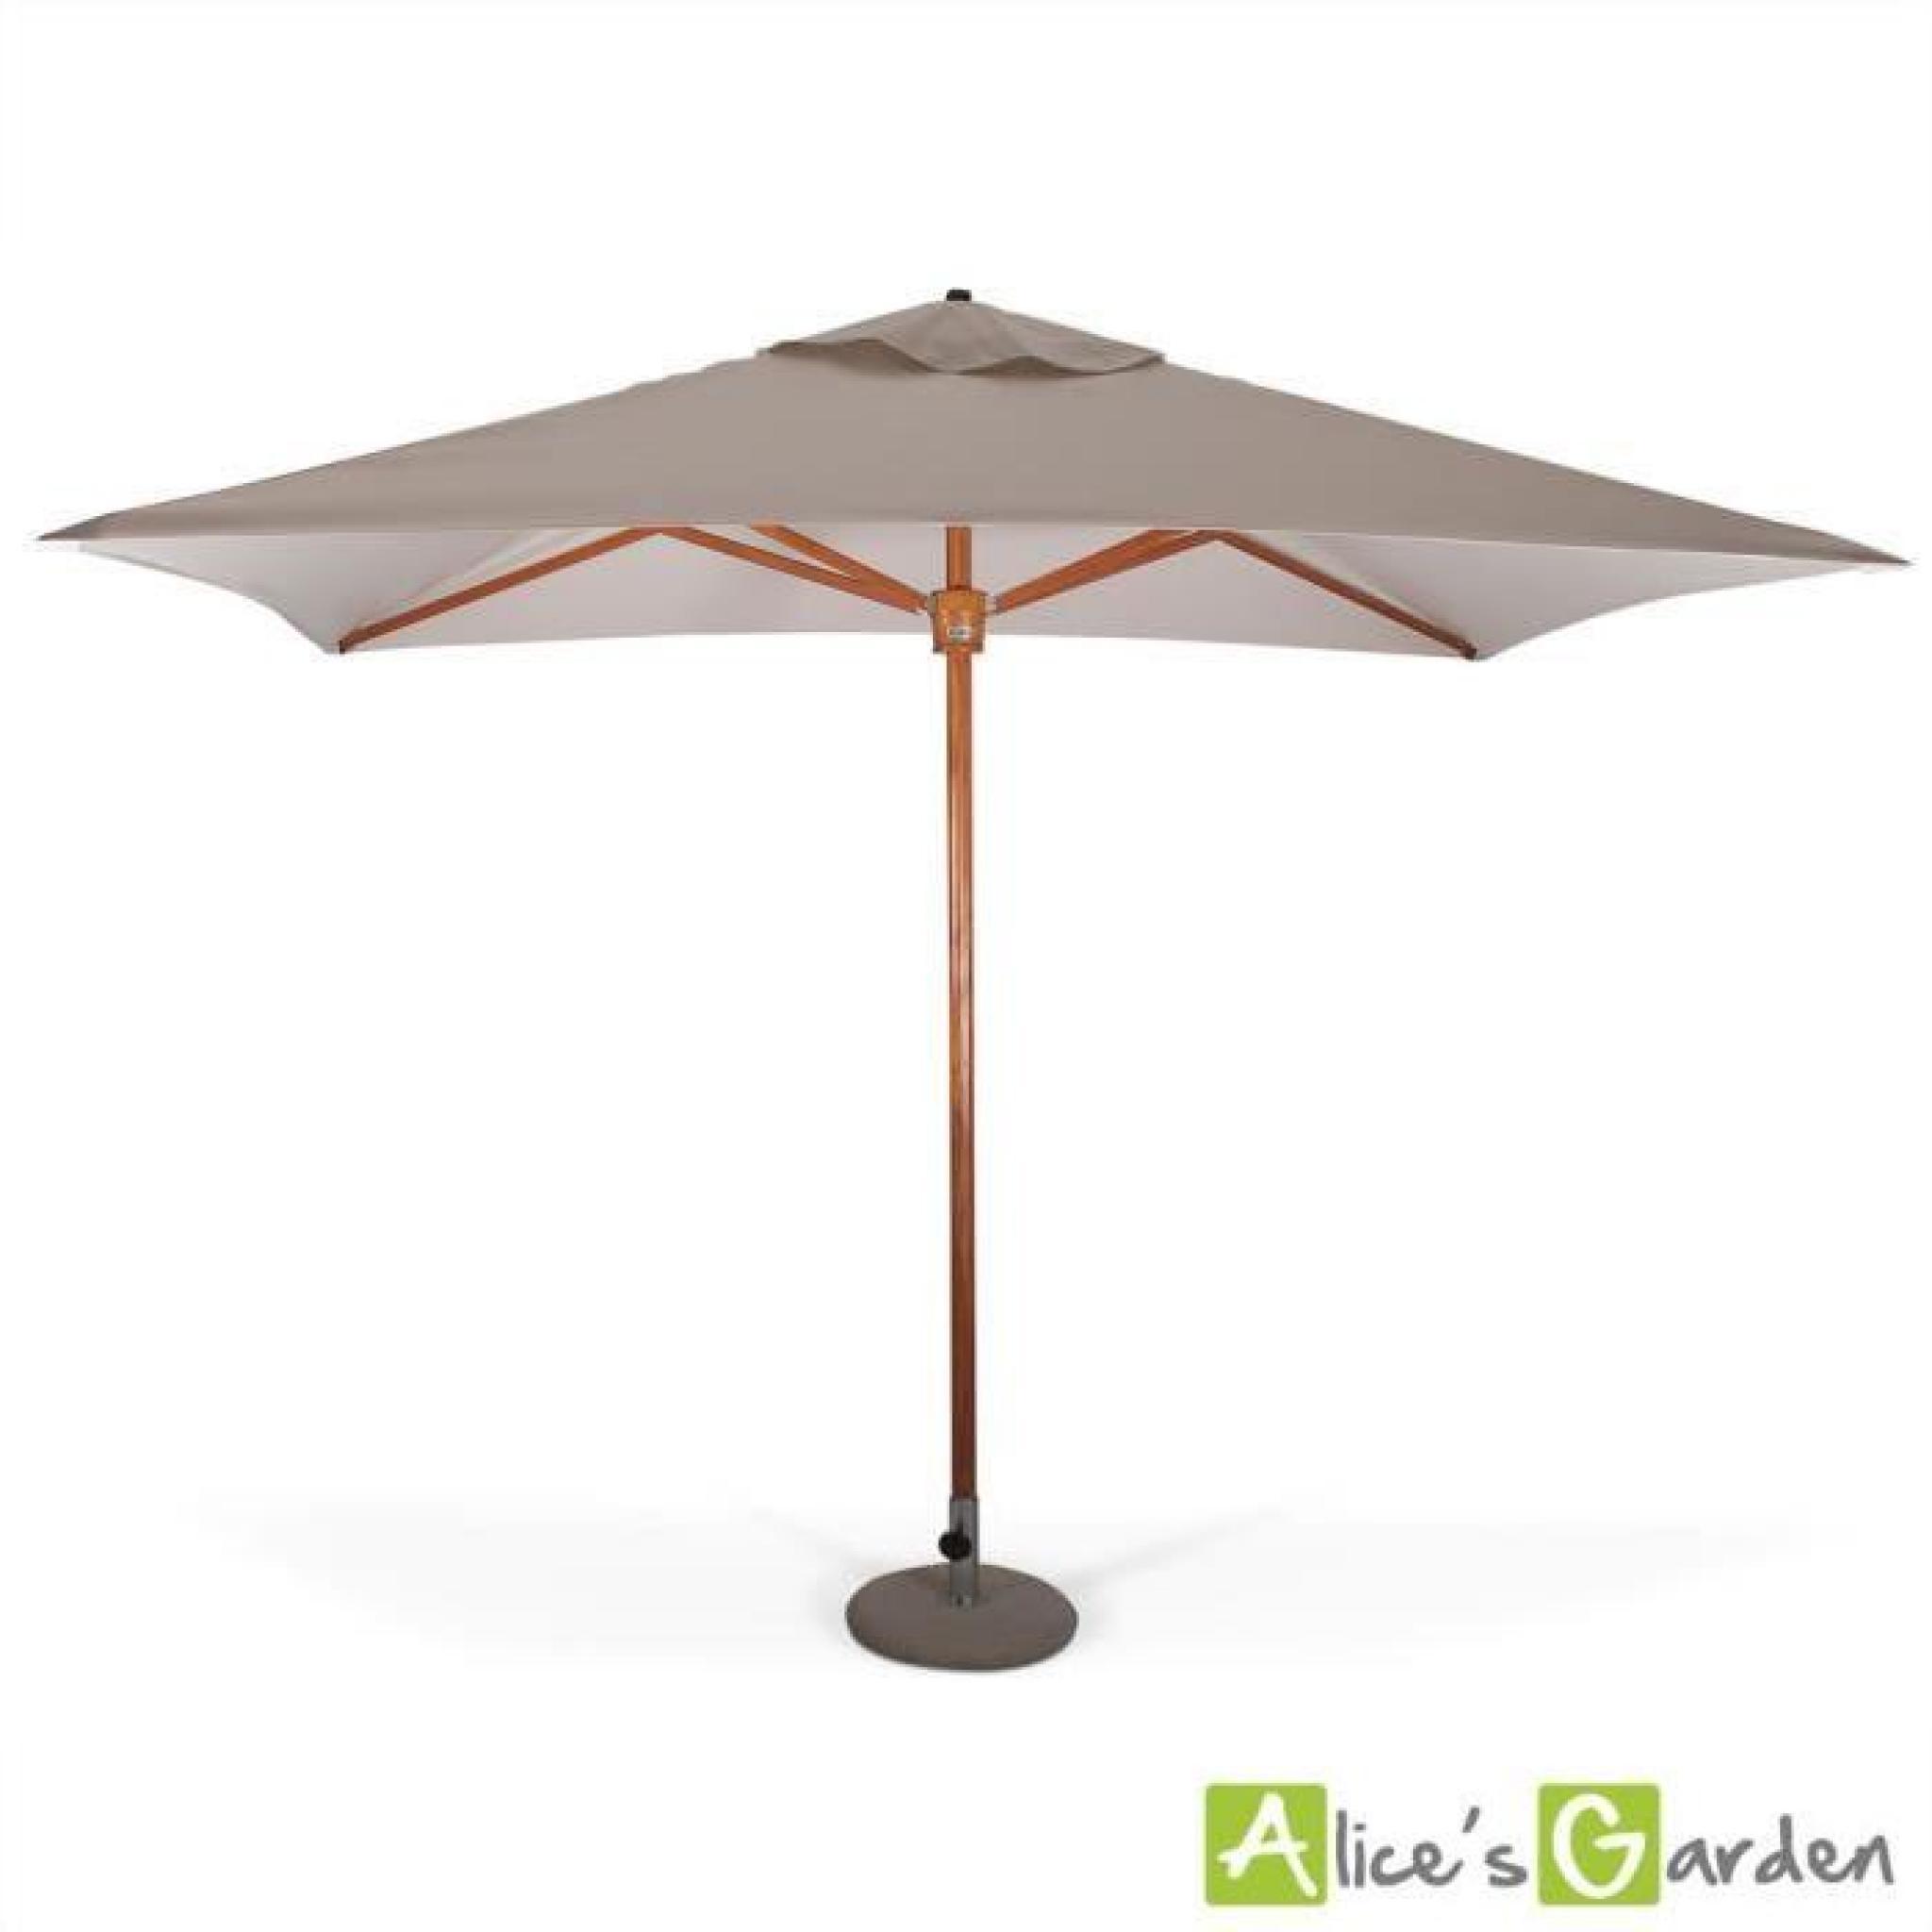 parasol tr s haut de gamme rectangulaire tokai 3x2m beige chin m t central tout bois. Black Bedroom Furniture Sets. Home Design Ideas